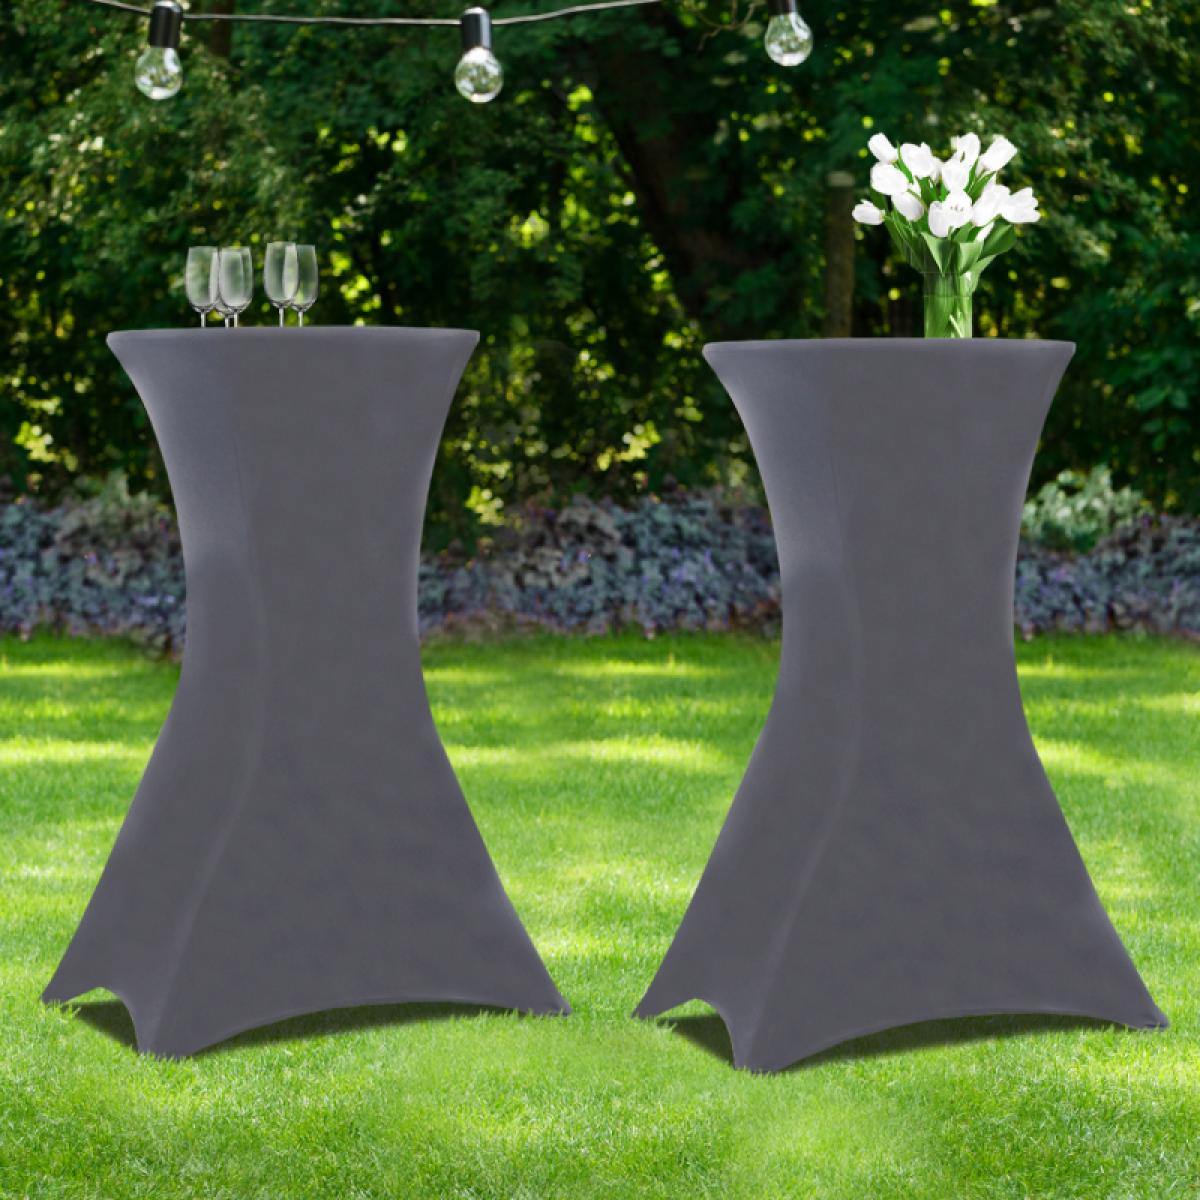 Idmarket Lot de 2 tables hautes 105 cm pliantes + 2 housses gris anthracite